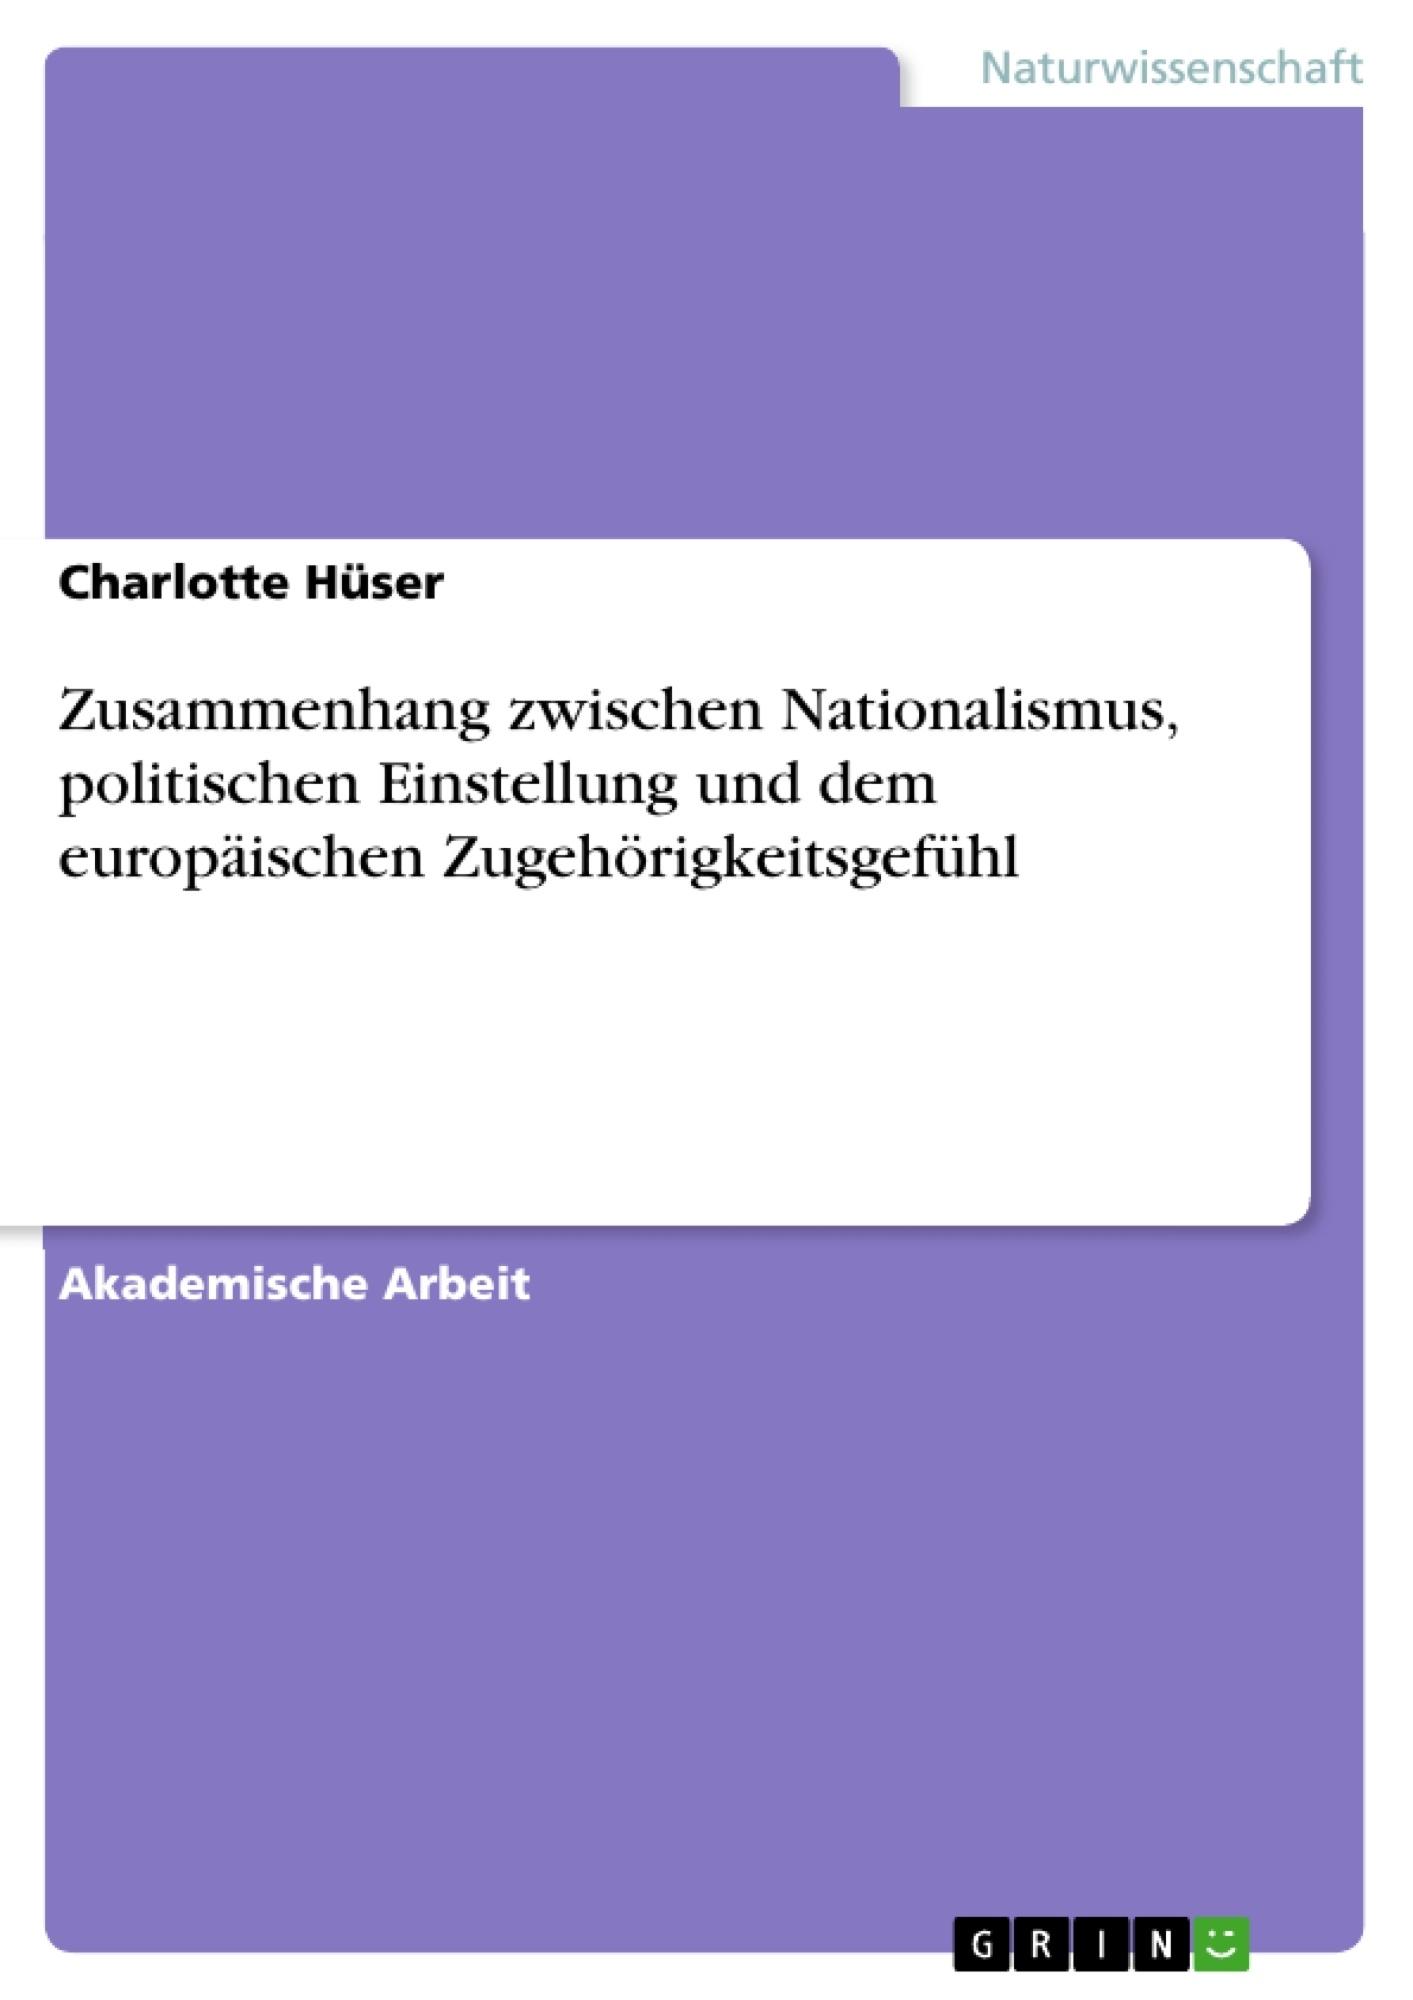 Titel: Zusammenhang zwischen Nationalismus, politischen Einstellung und dem europäischen Zugehörigkeitsgefühl